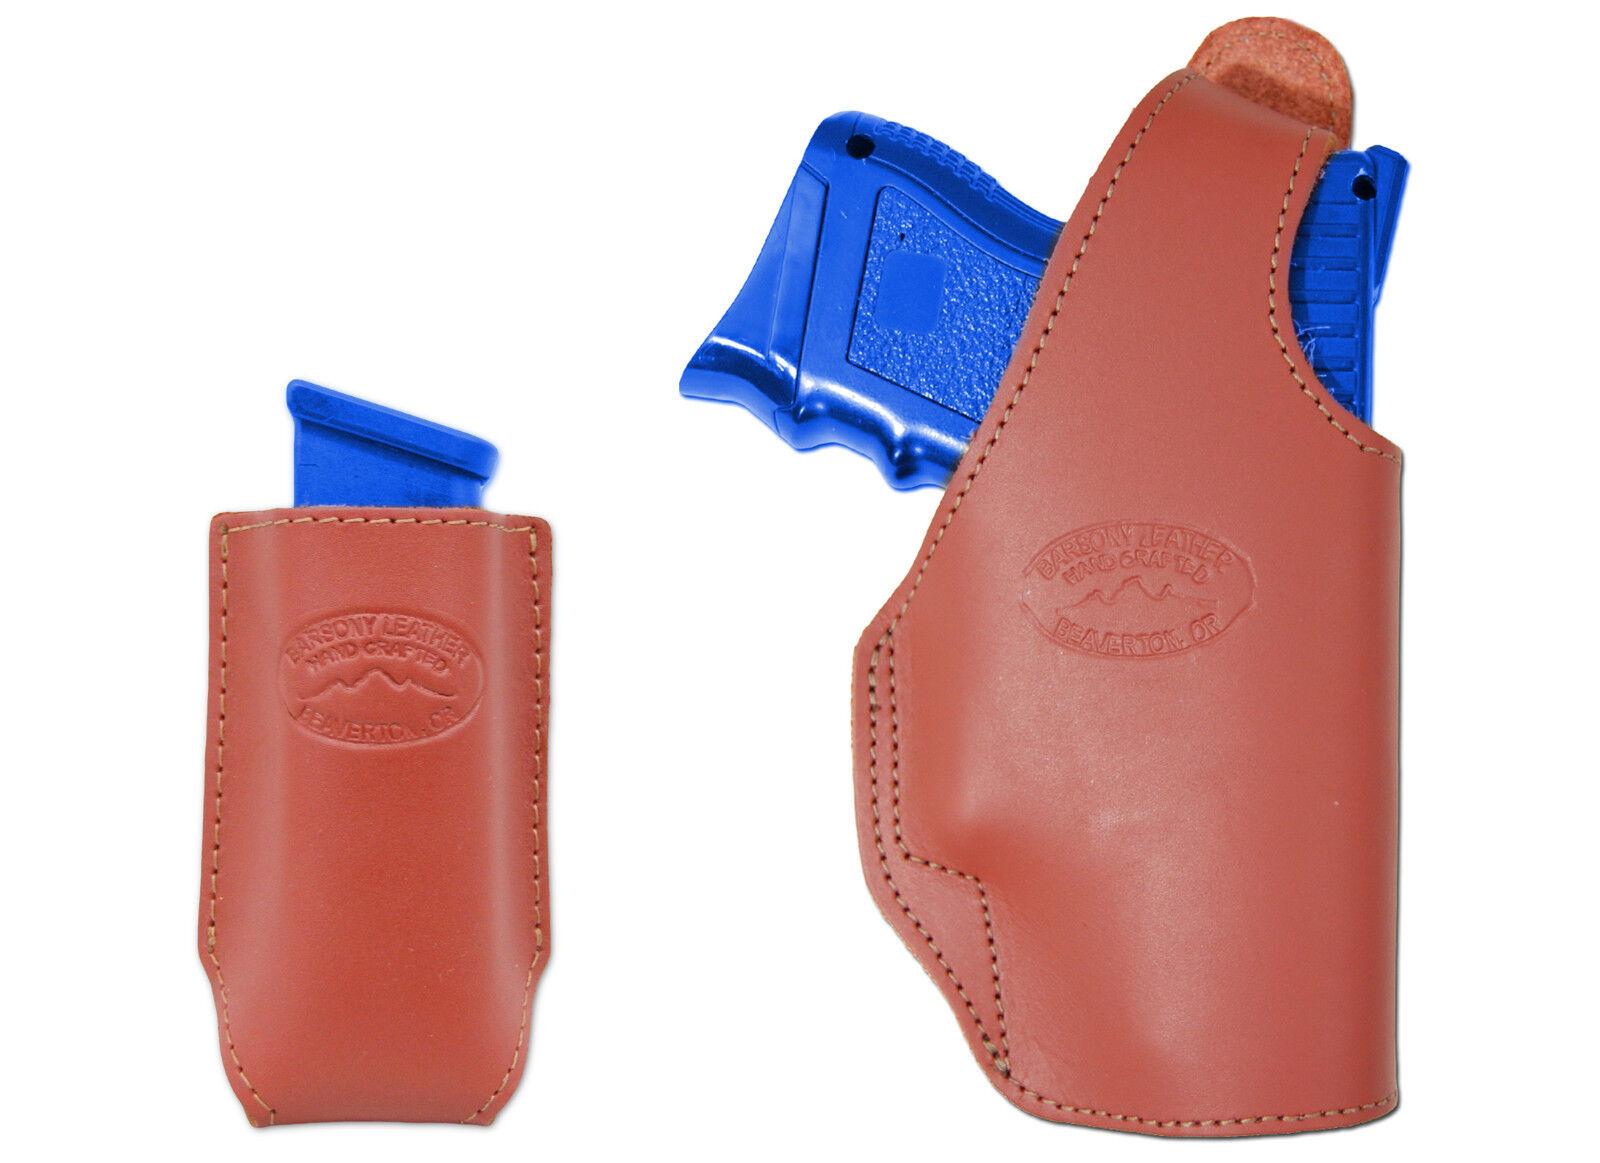 Nuevo barsony Cuero Burdeos Owb cinturón pistolera + bolsa del Mag Ruger Comp 9mm 40 45